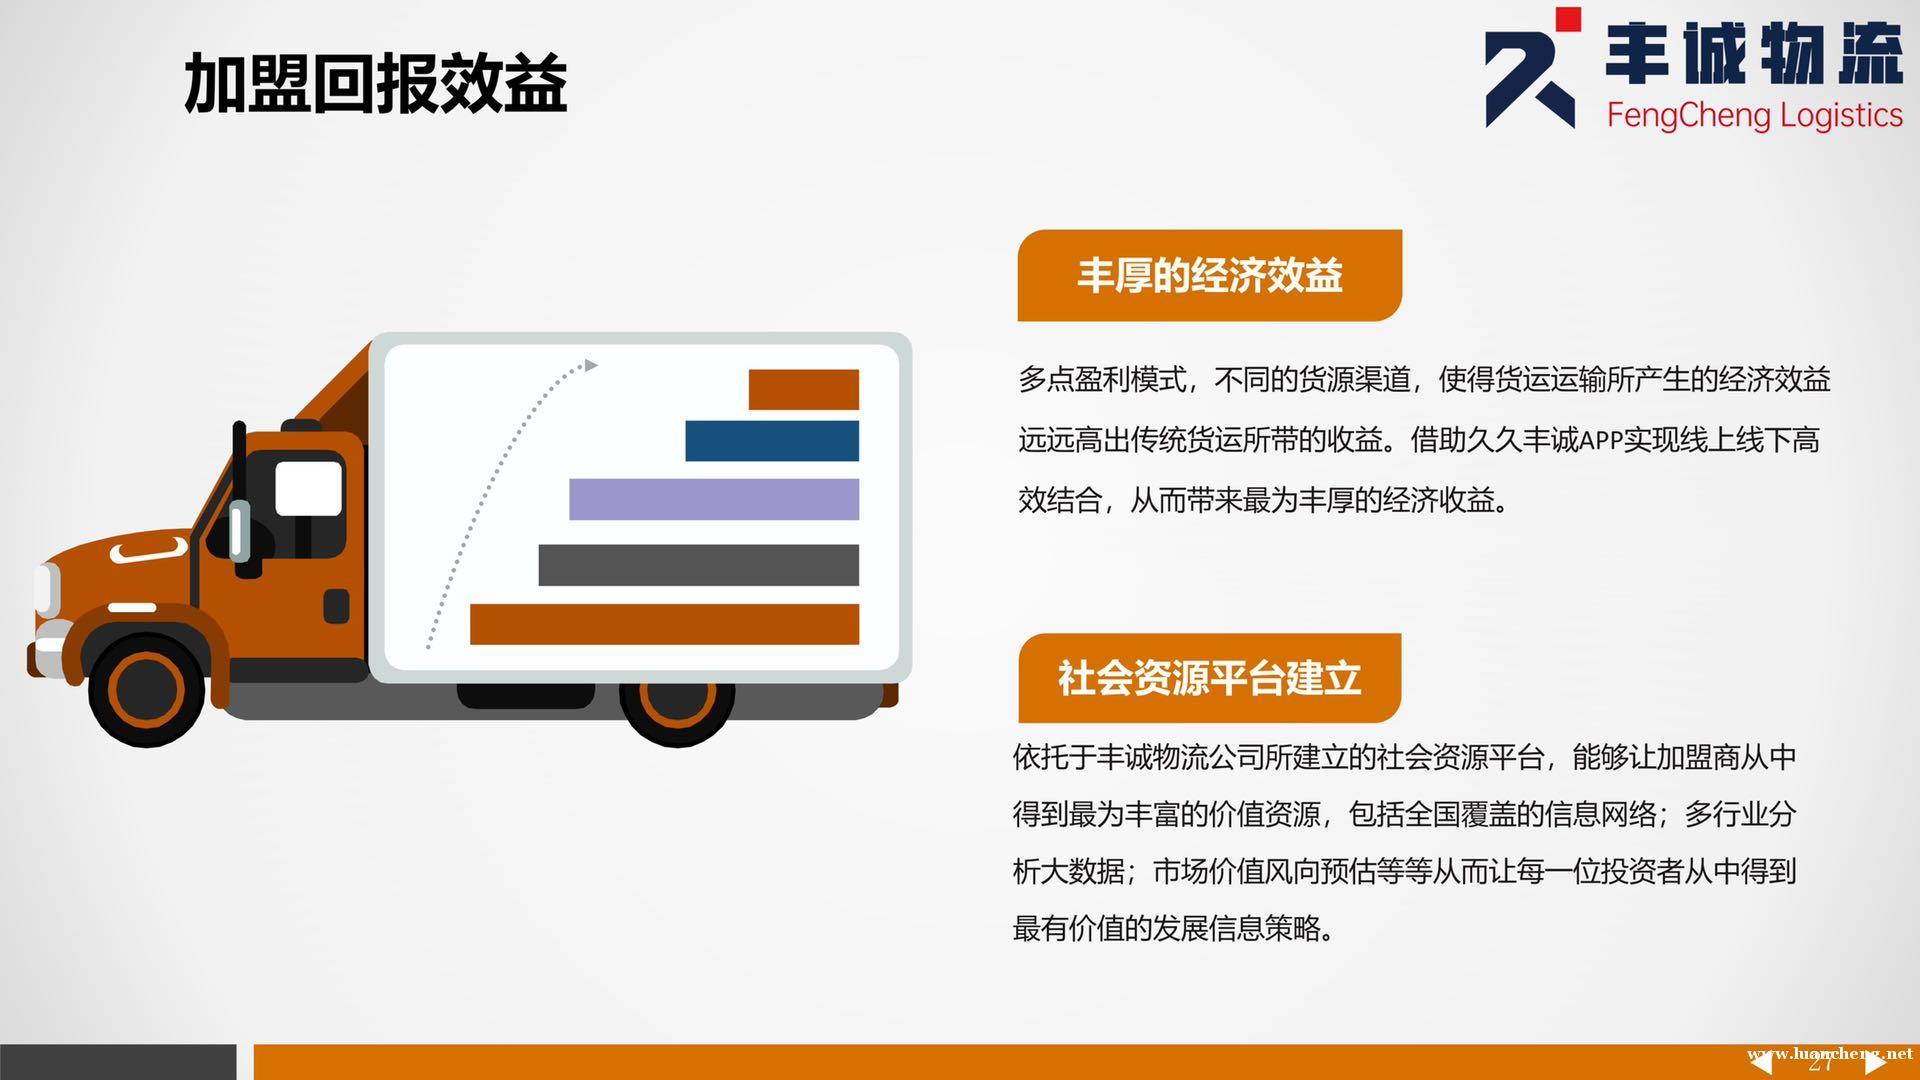 招各地区代理商加盟本公司 河北省敢签订运输保障利润合同的公司